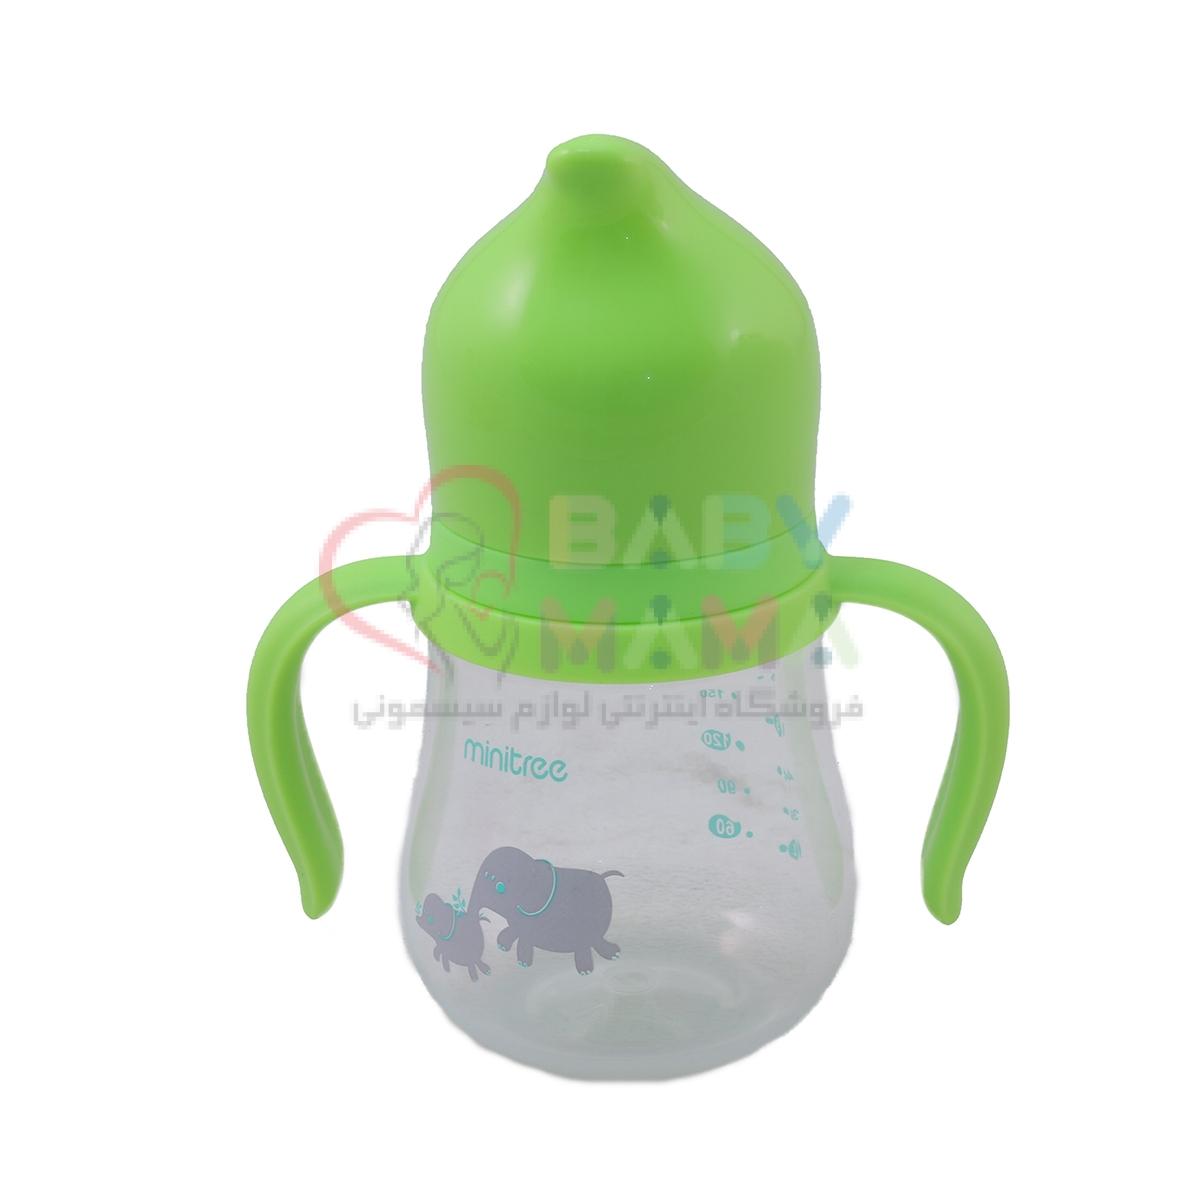 شیرخوری دهانه عریض minitree